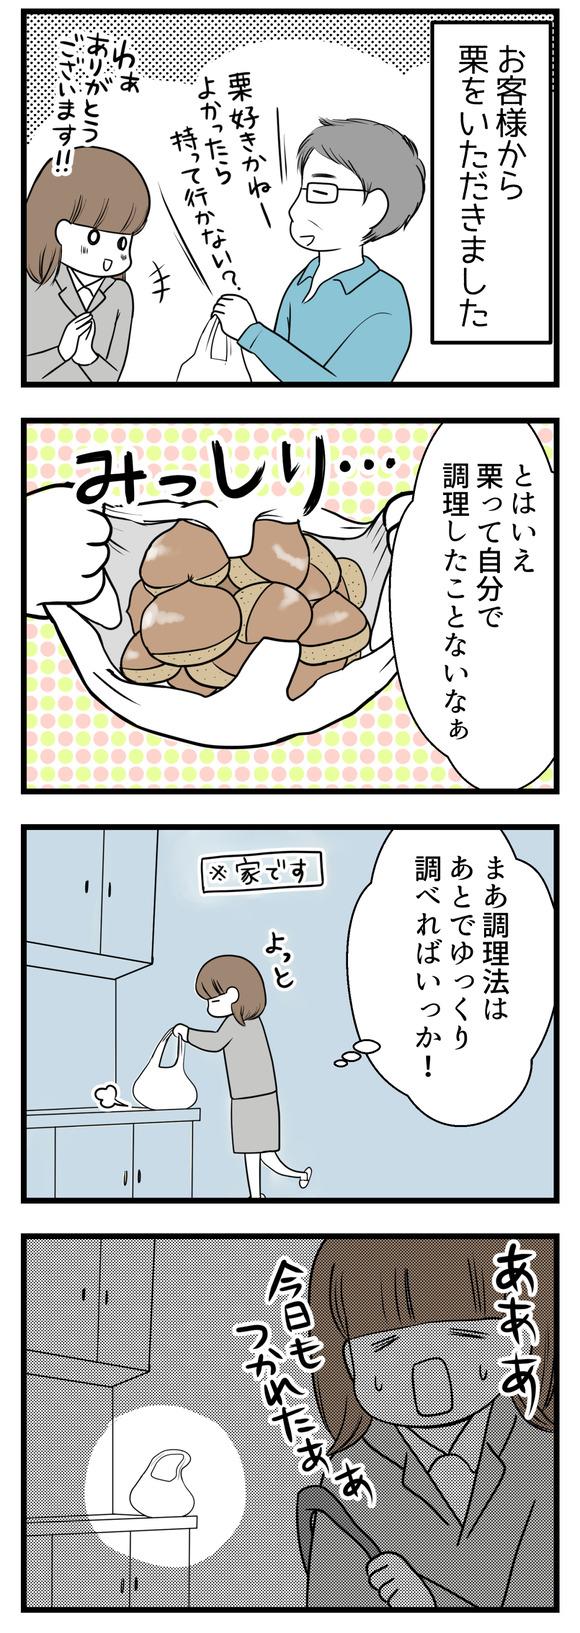 【社会人編】お客様からもらった栗-1